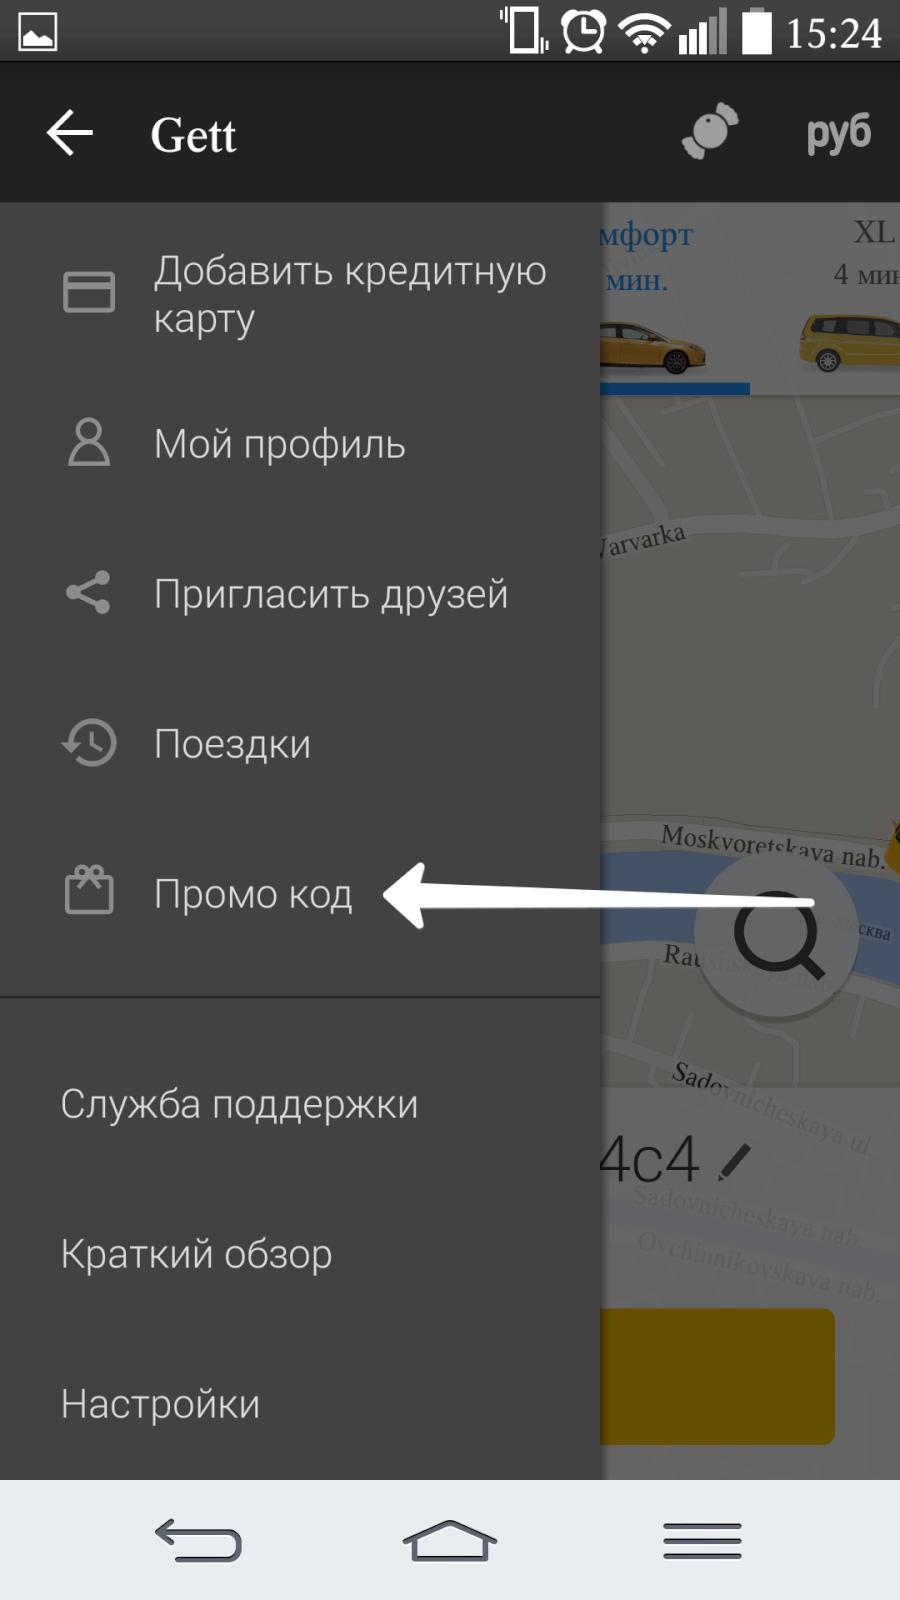 Gett — где вводить промокод на Android